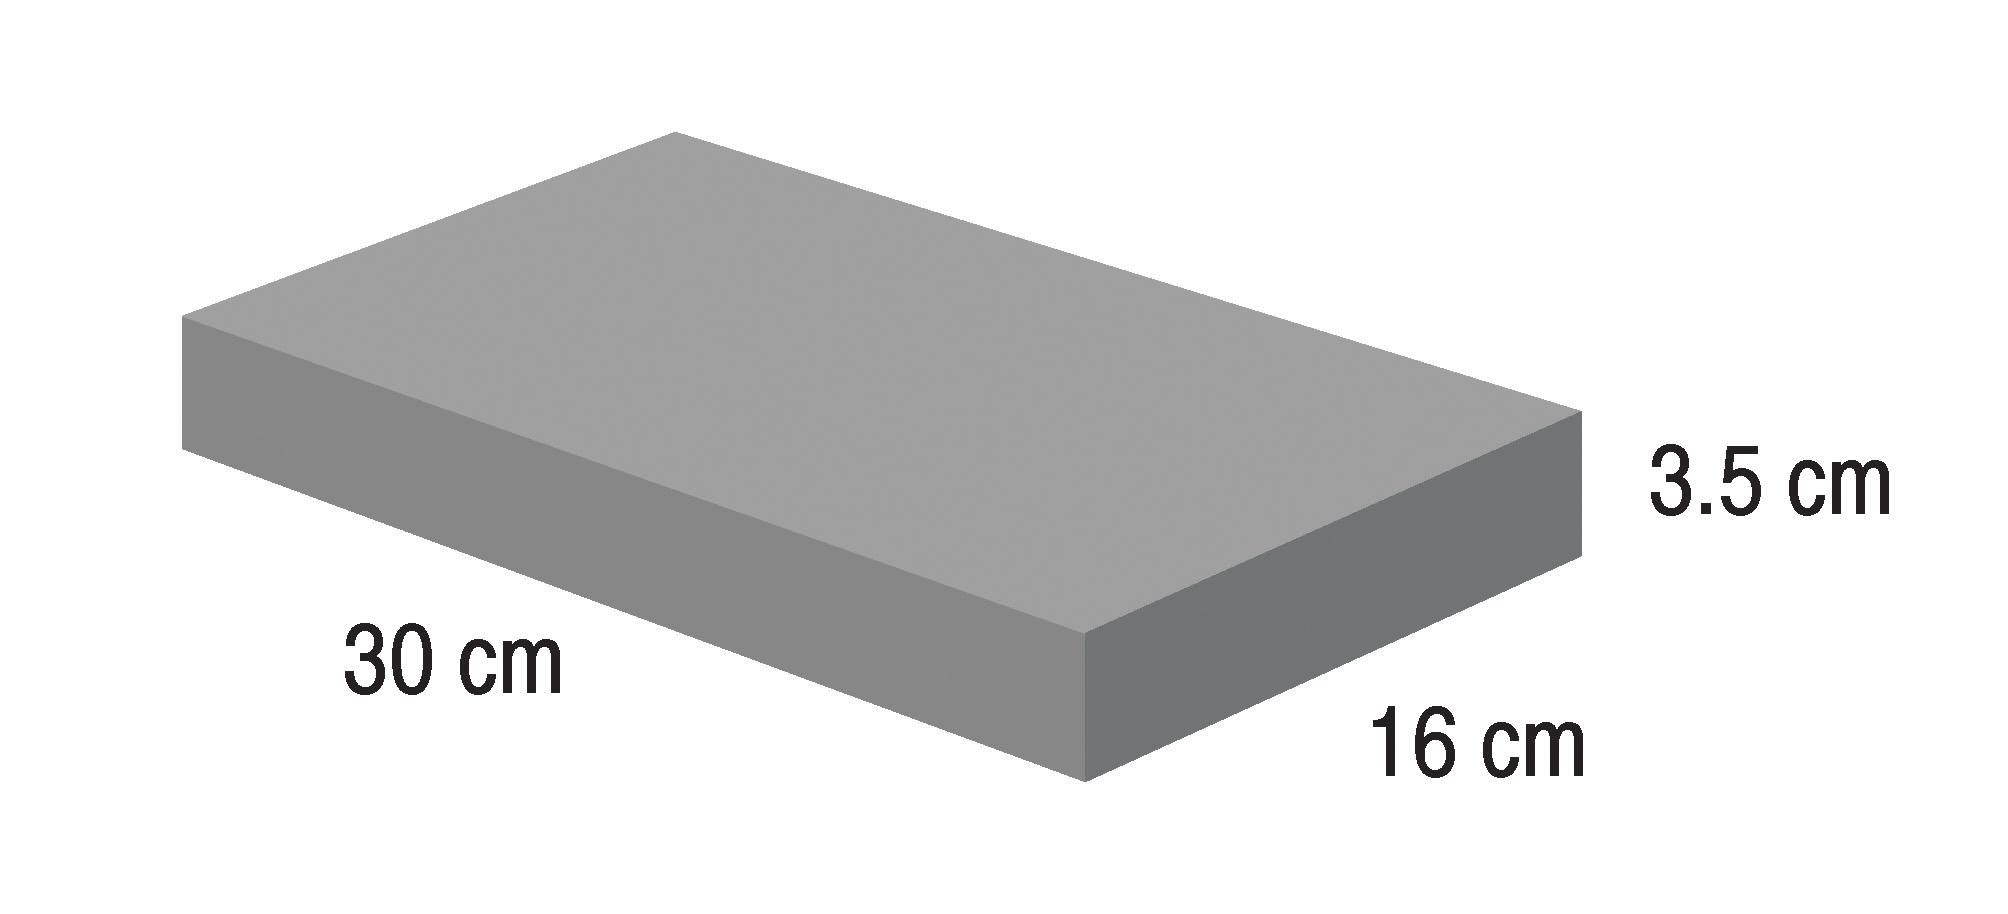 IS-FM-SRN-BLK-163003(5)  Block Small  Raw